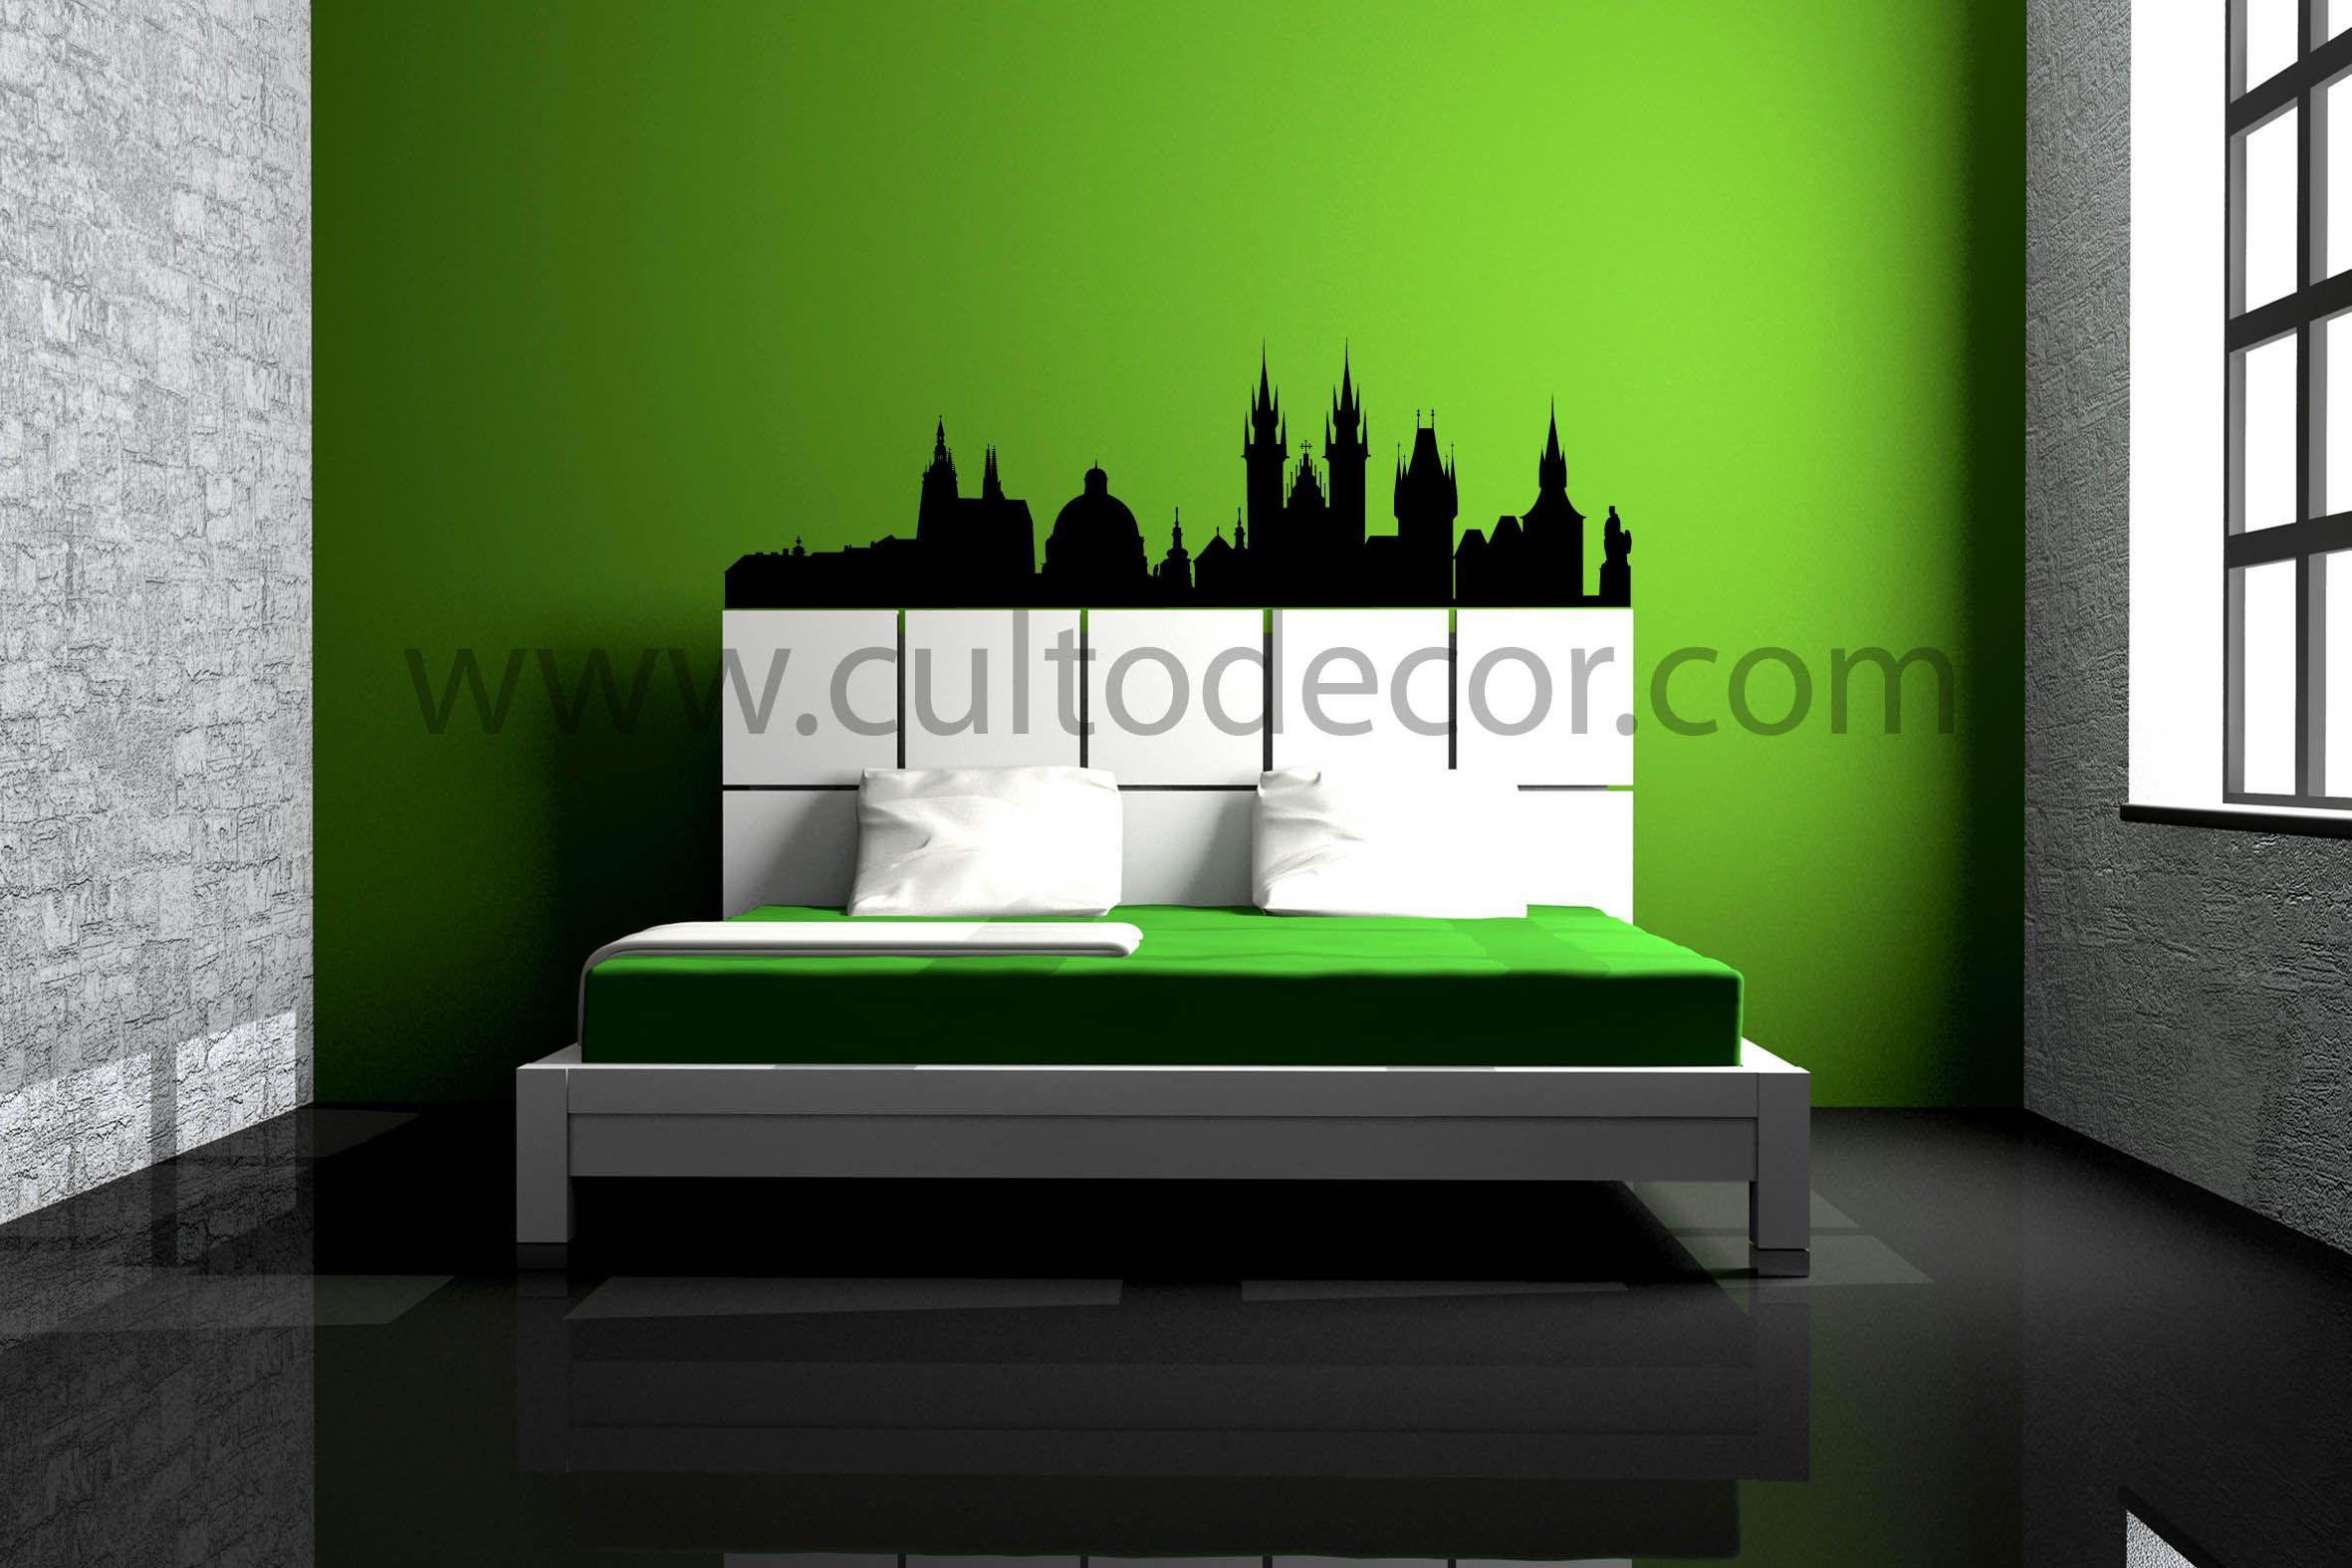 Praga - Skylines em vinil de corte com 18 cores diferentes e 2 acabamentos (brilhante/mate). Saiba tudo em http://www.cultodecor.com